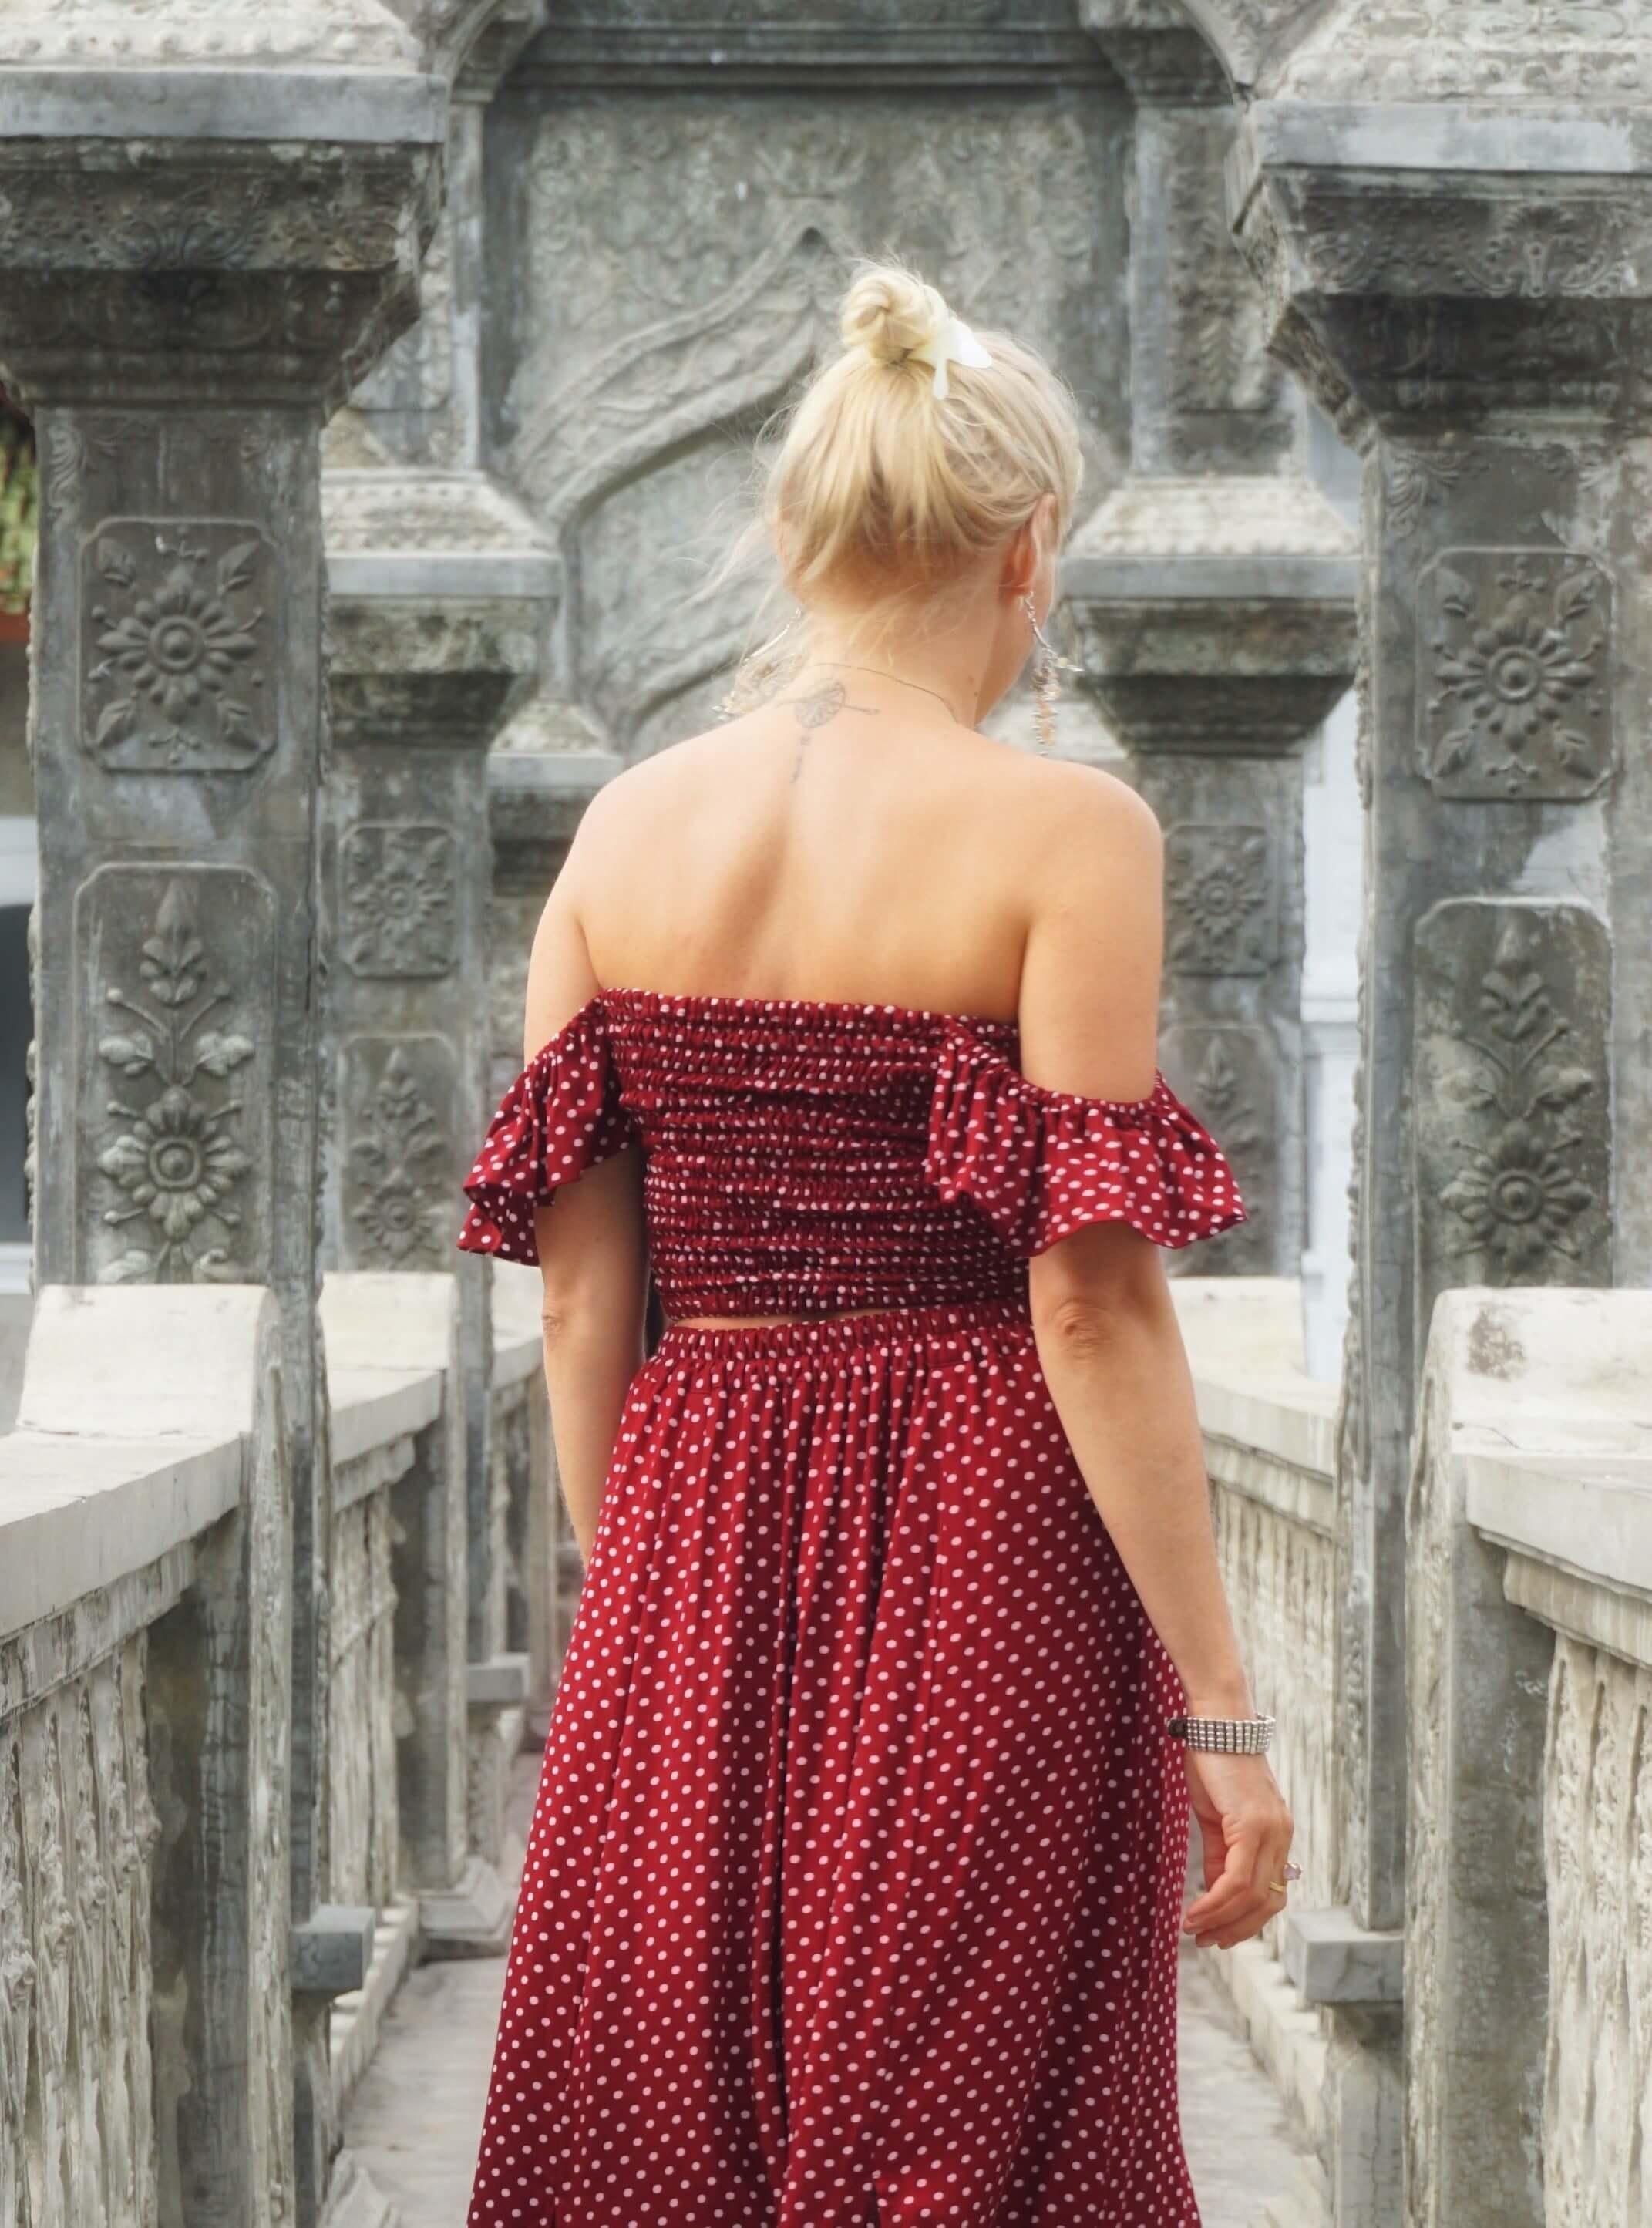 Boho Chic Tupfen Kleid Sommerkleid gepunktet Rot Polka Dot Zweiteiler Kleid Weinrot Off Shoulder Maxikleid